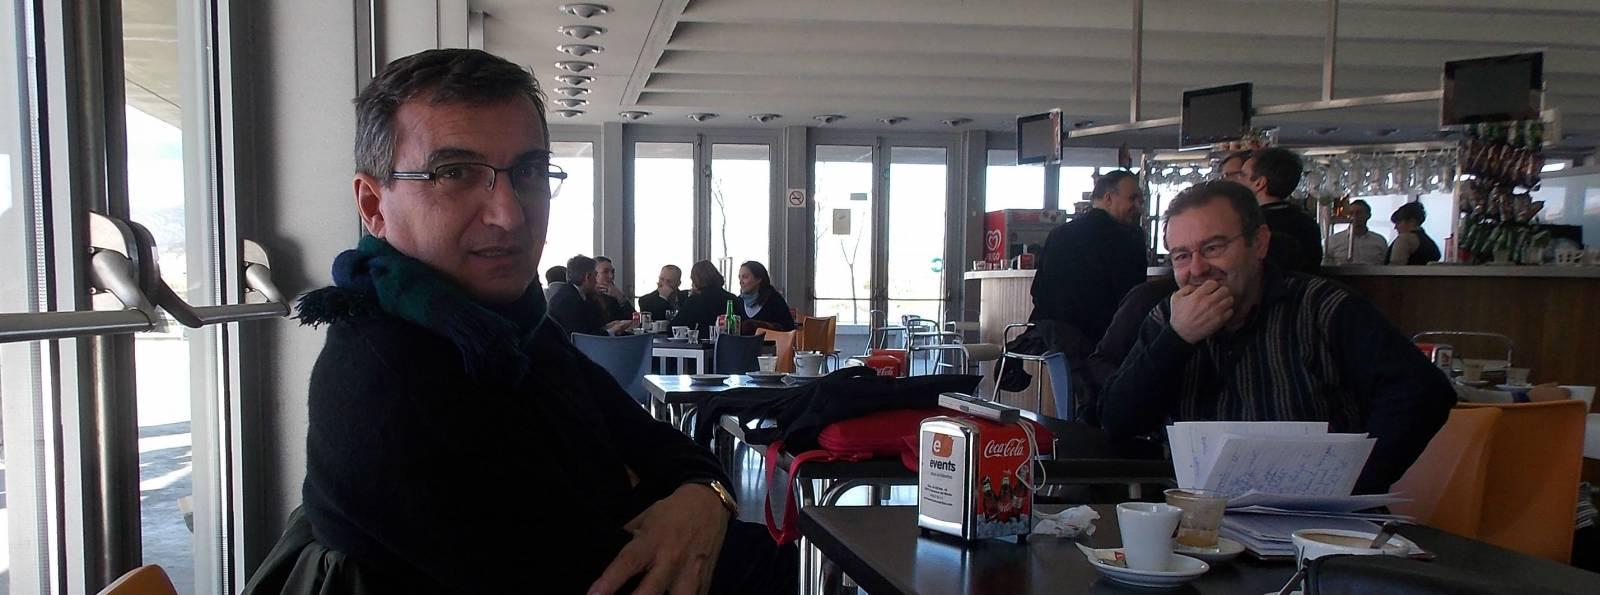 El reportero Bru Rovira en la cafetería del Congreso